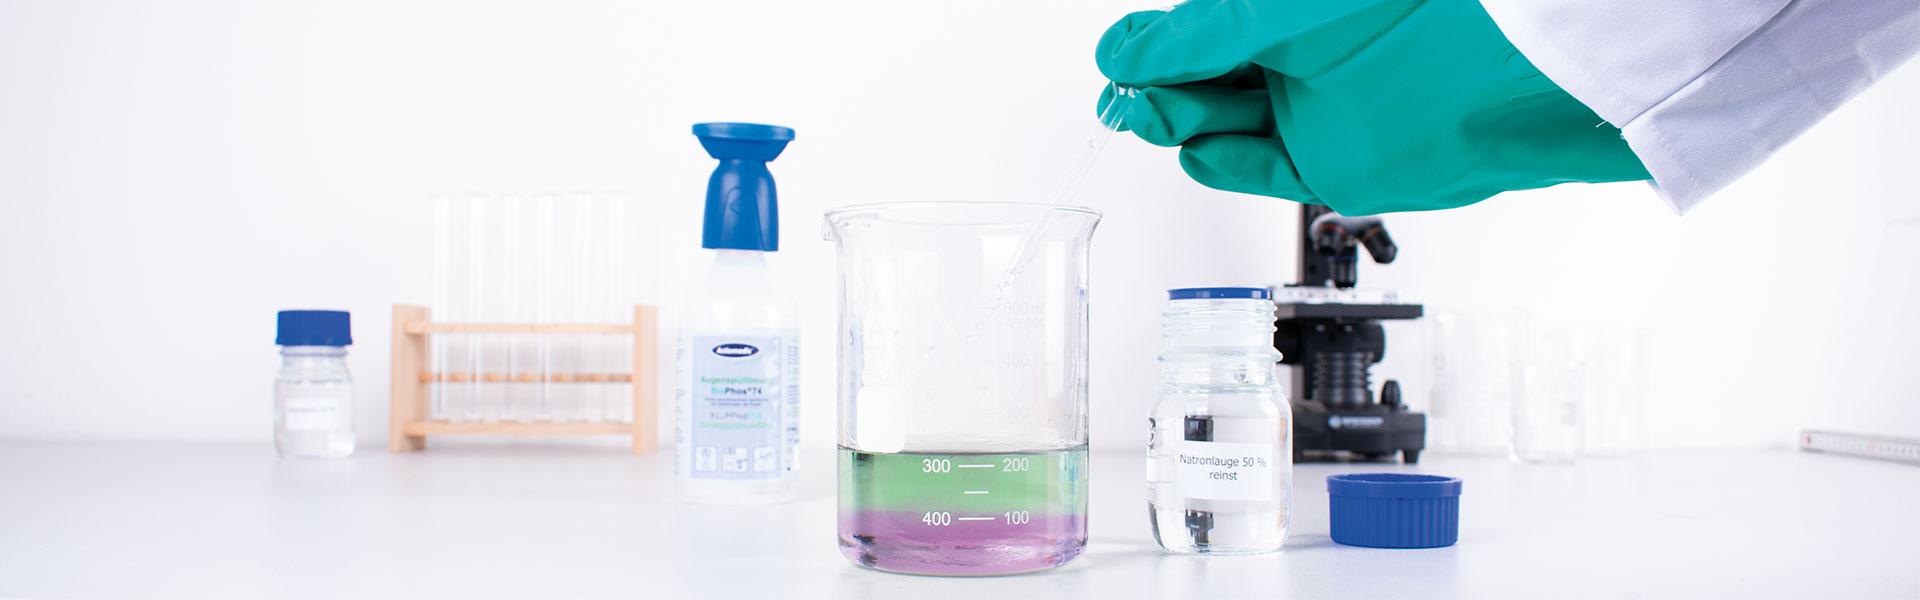 gramm-medical-innovationen-biophos-wirkungsweise-wirkung